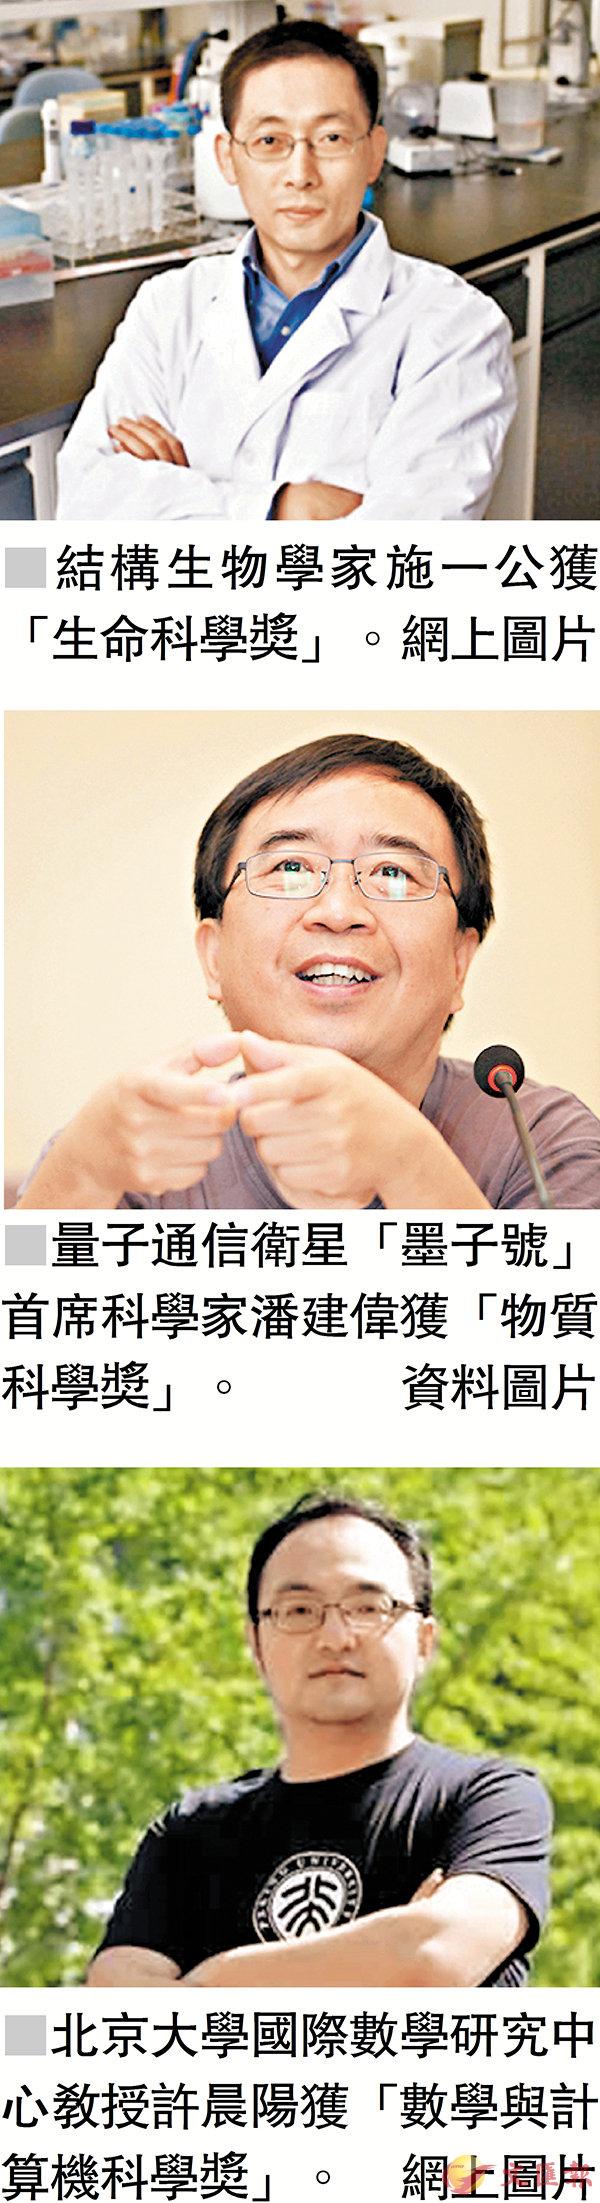 「中國版諾獎」揭曉   施一公潘建偉許晨陽獲獎 (圖)